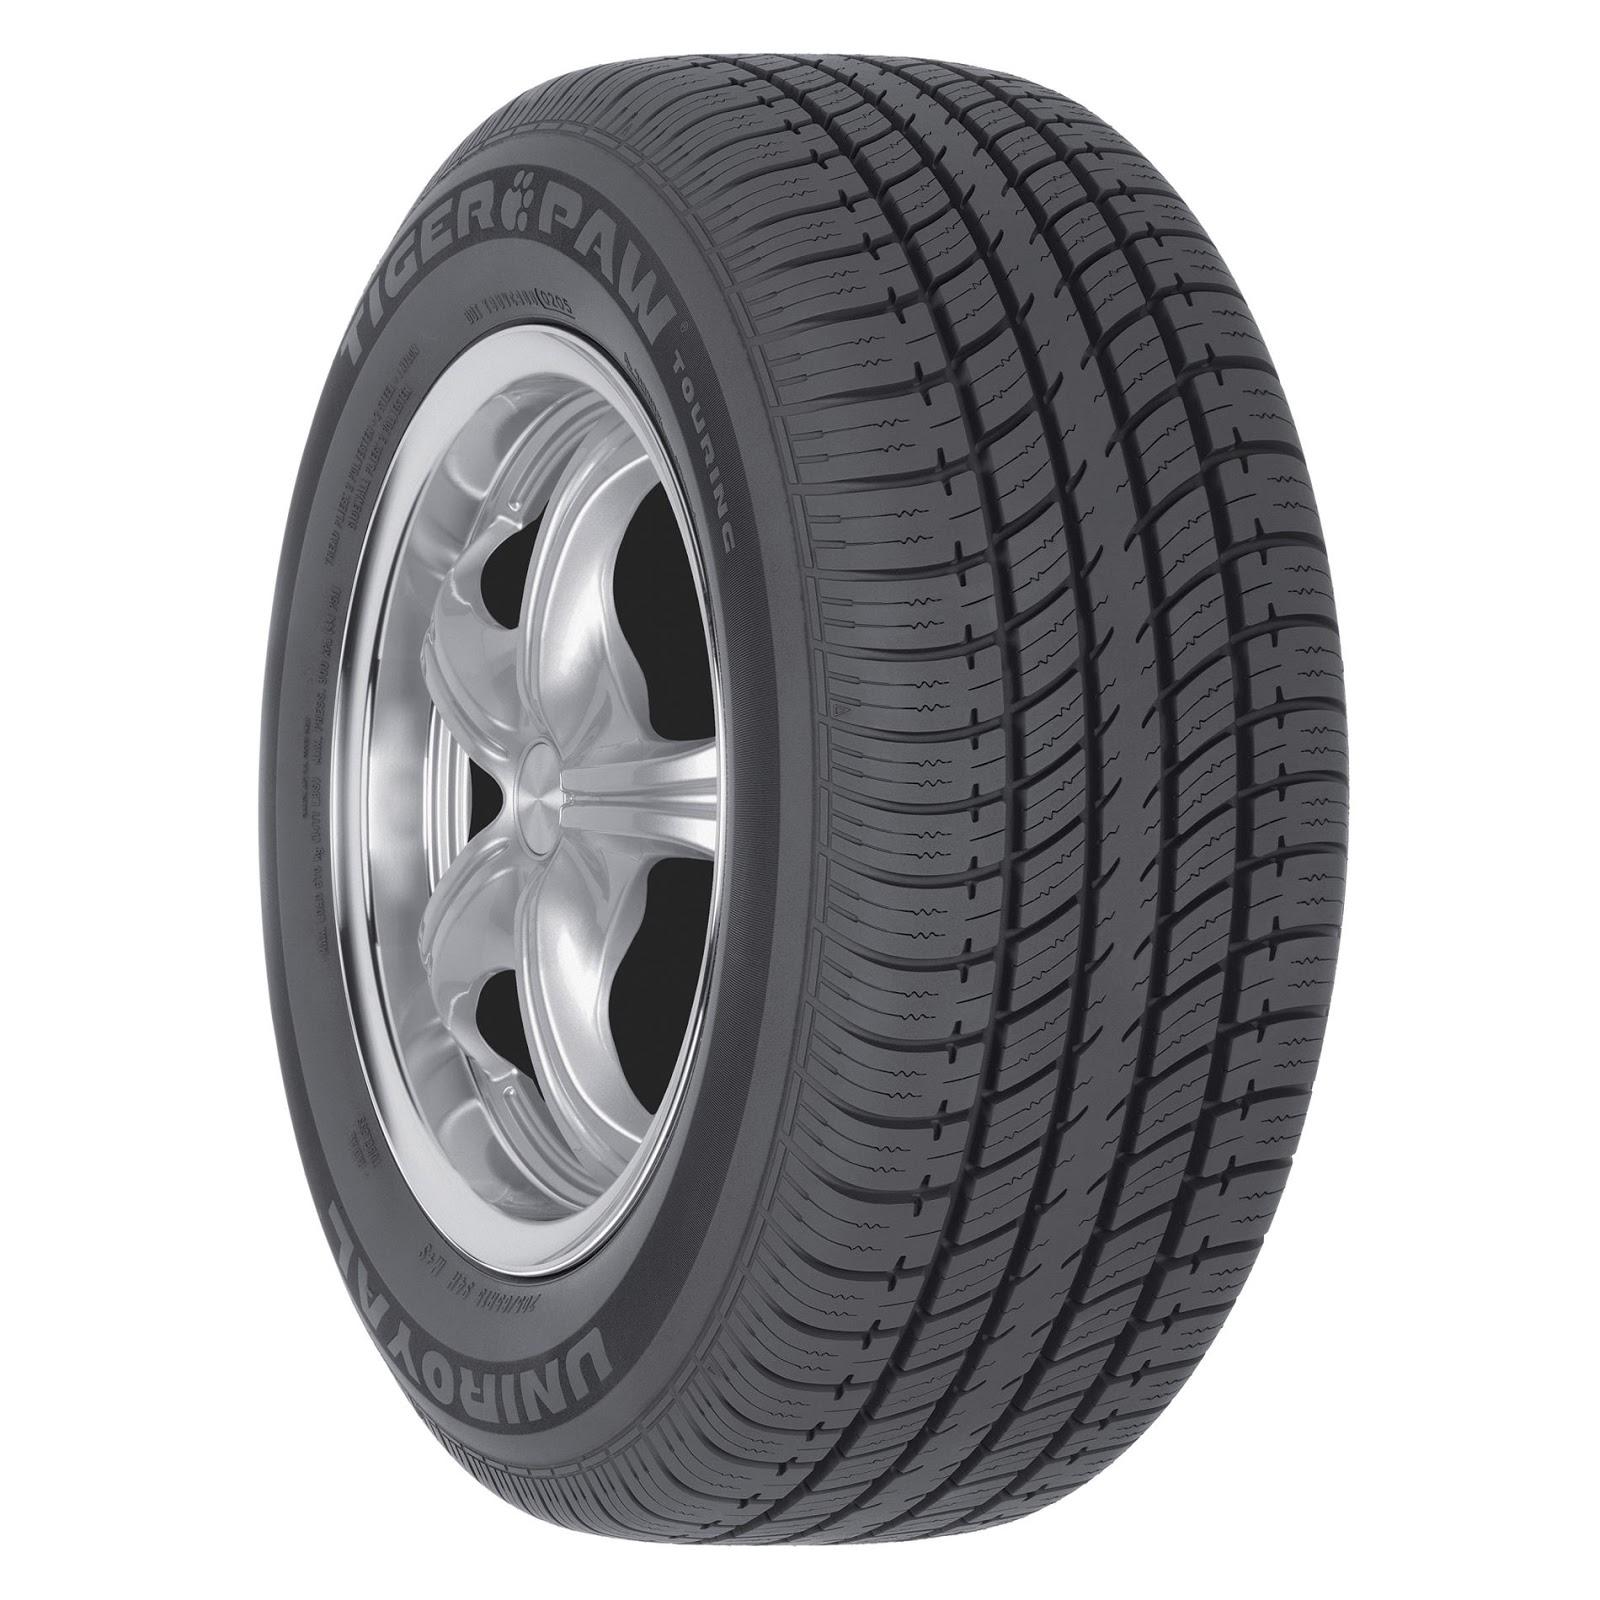 Michelin 185 65 r14